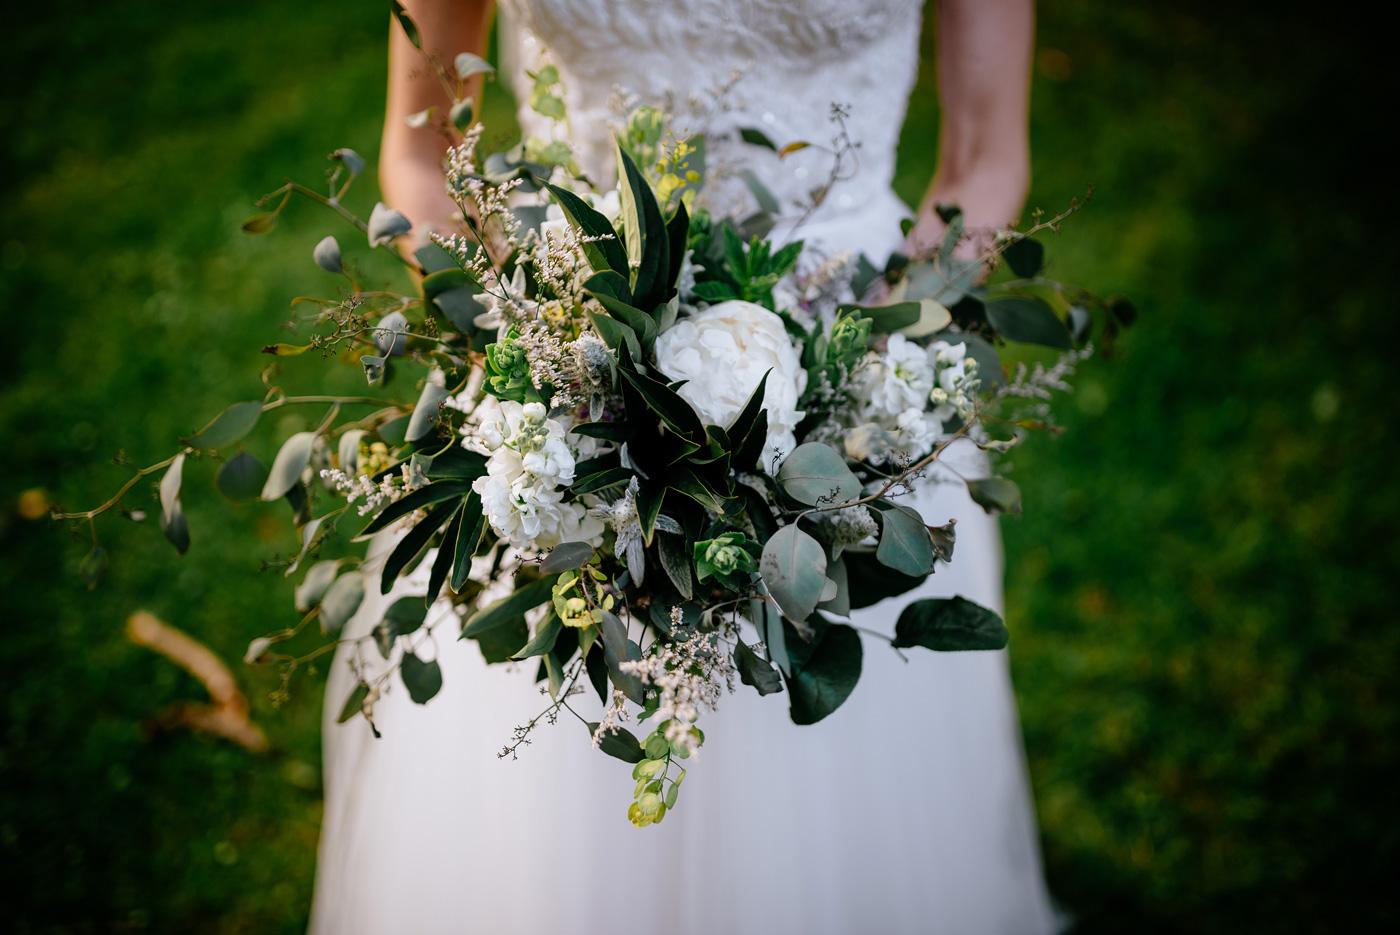 west farm flowers lewisburg wv wedding bridal bouquet